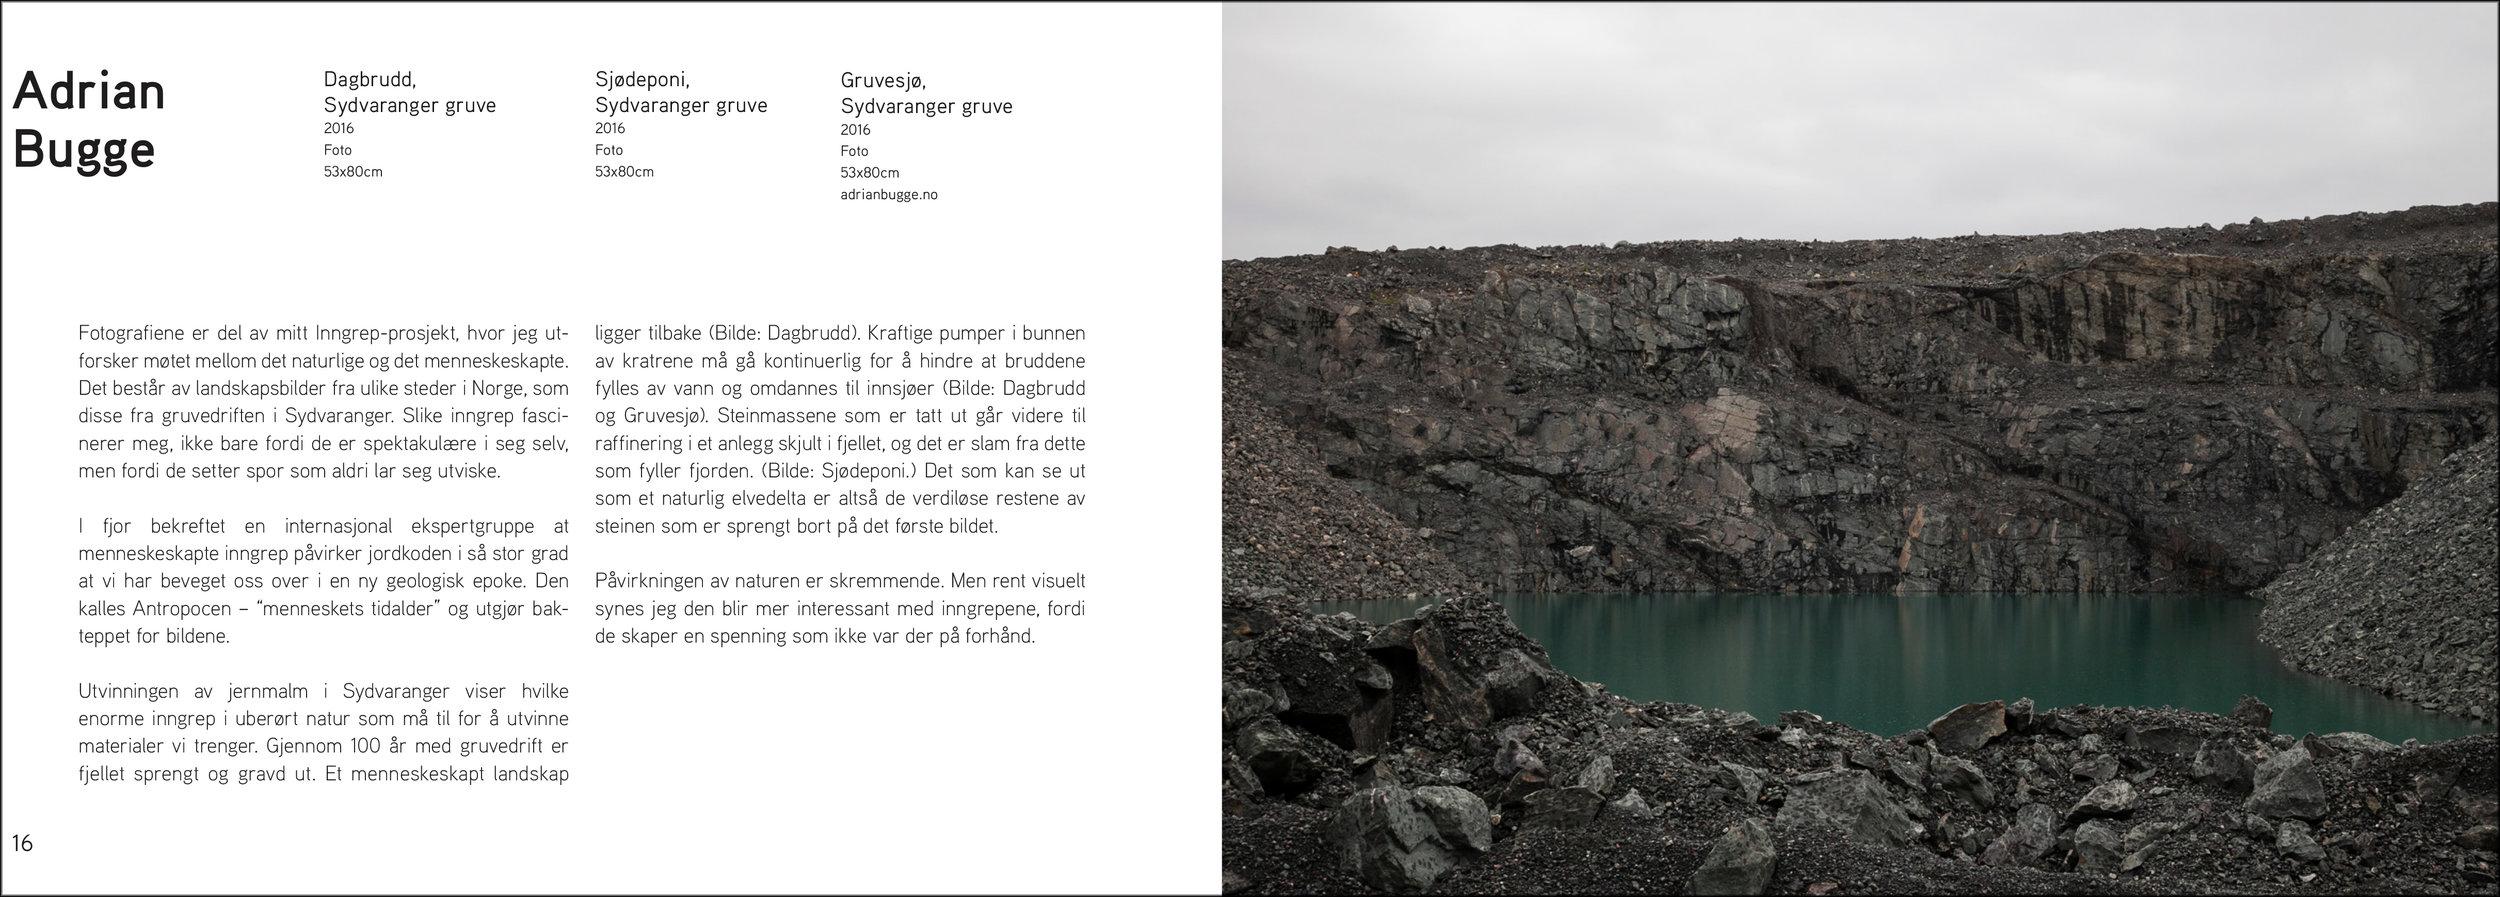 Katalogoppslag Østlandsutstillingen 2017 med info om bildene. Klikk på bildet for større PDF-versjon